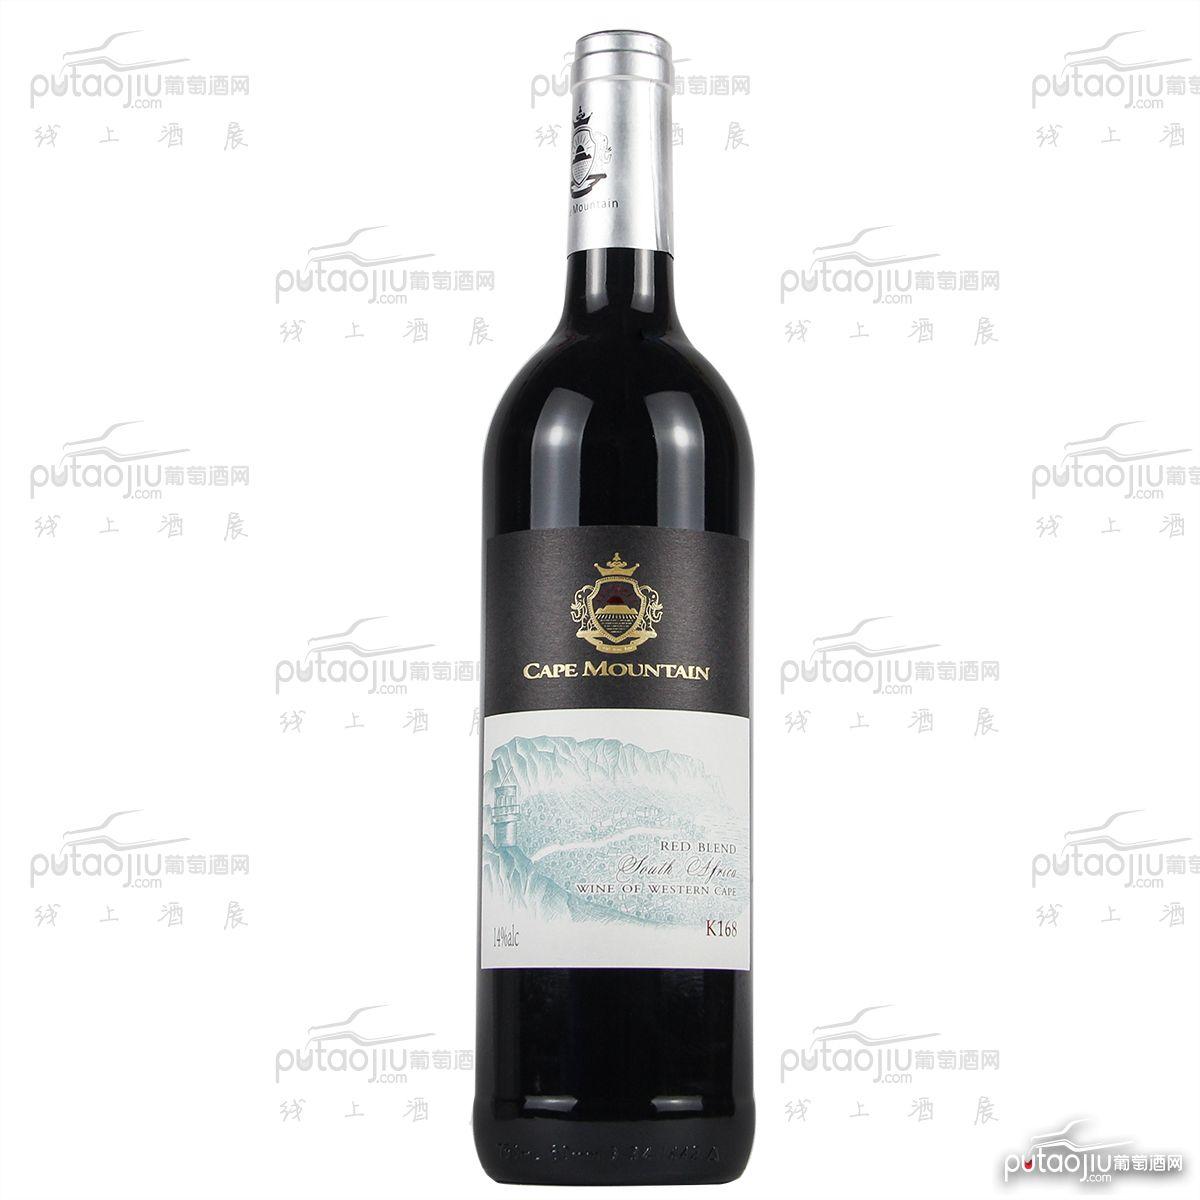 南非开普山酒庄混酿K168入门级别干红葡萄酒